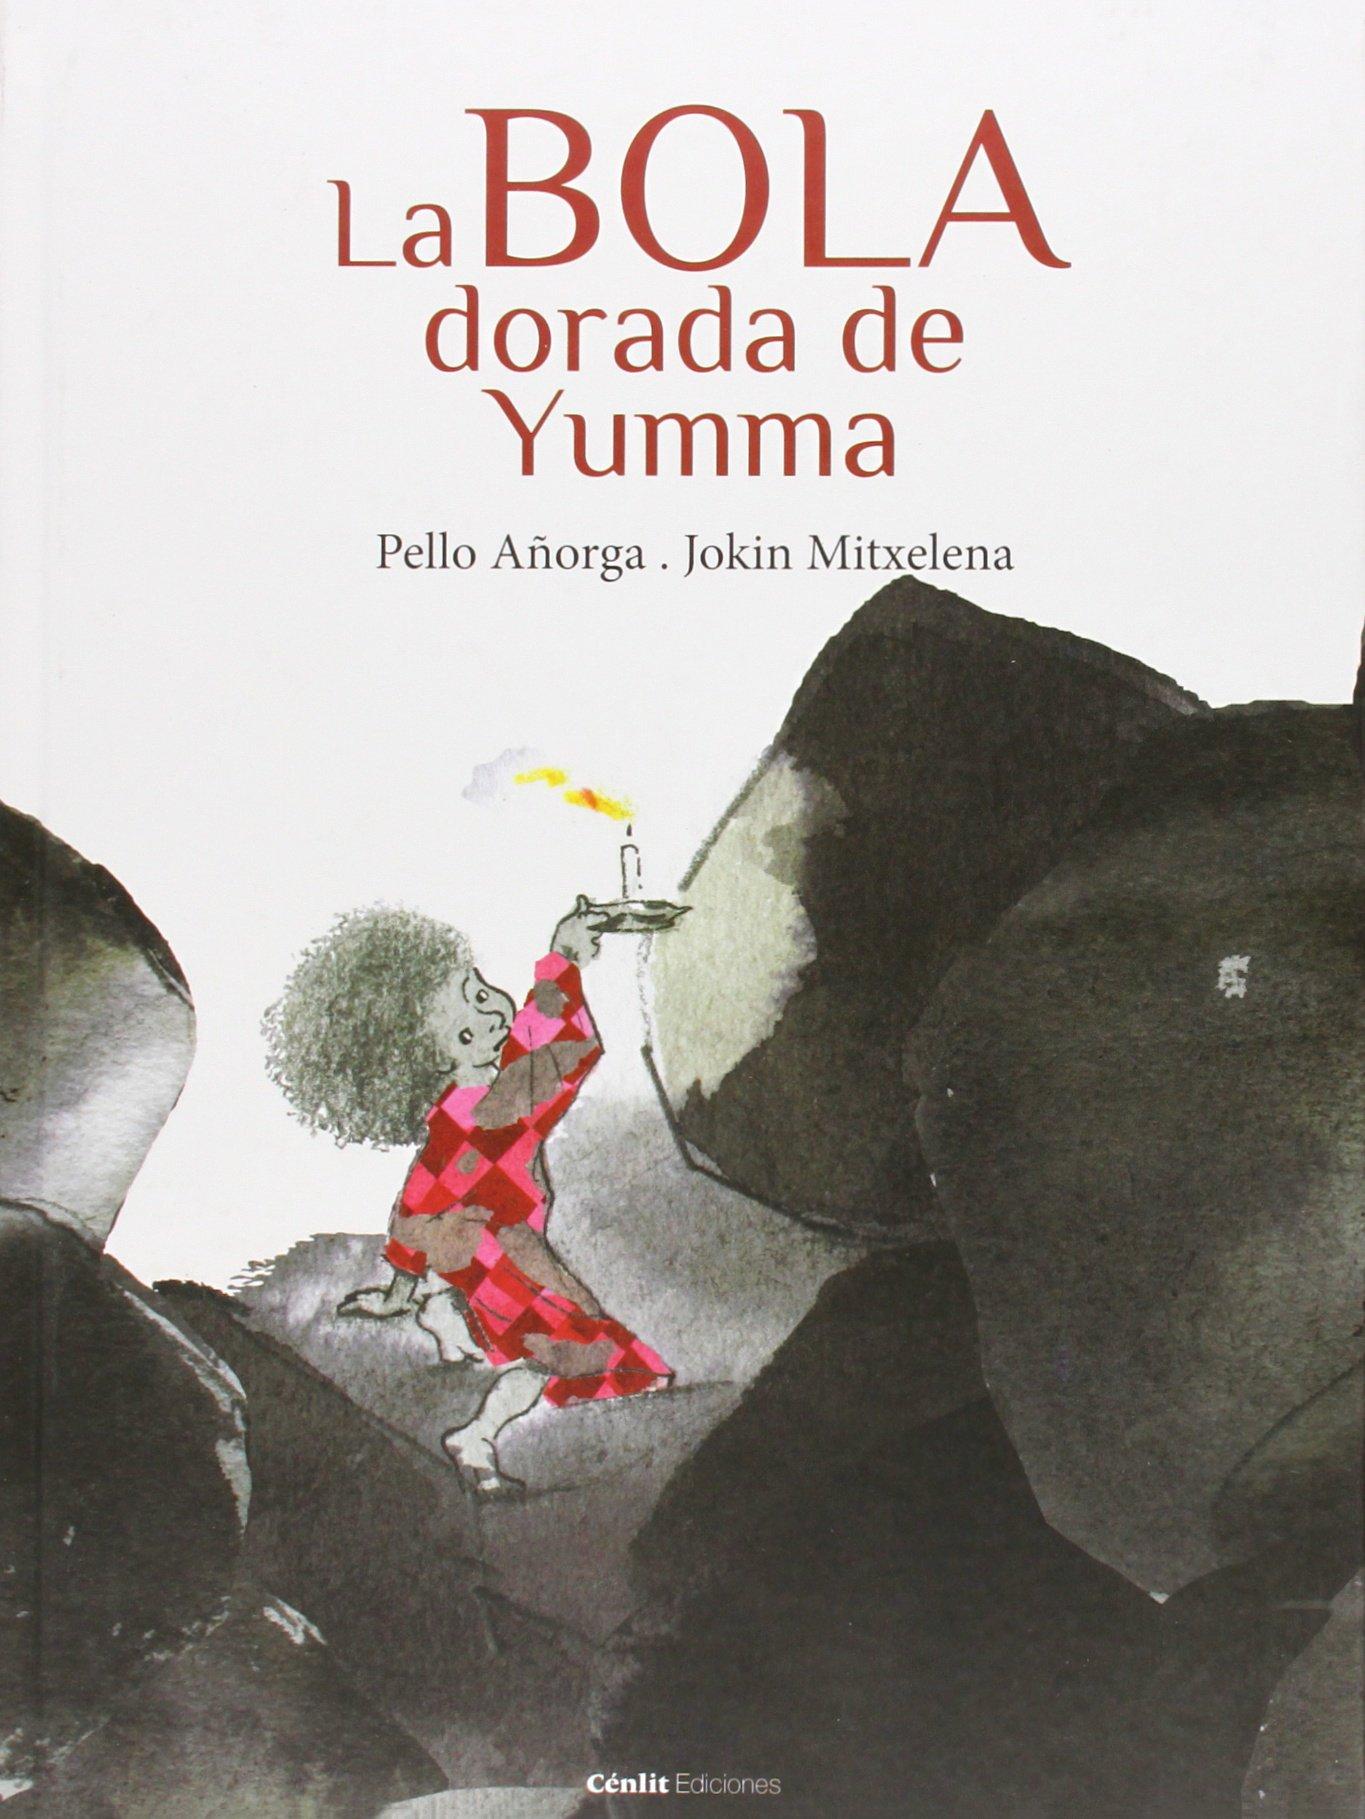 La bola dorada de Yumma · Cenlit Ediciones